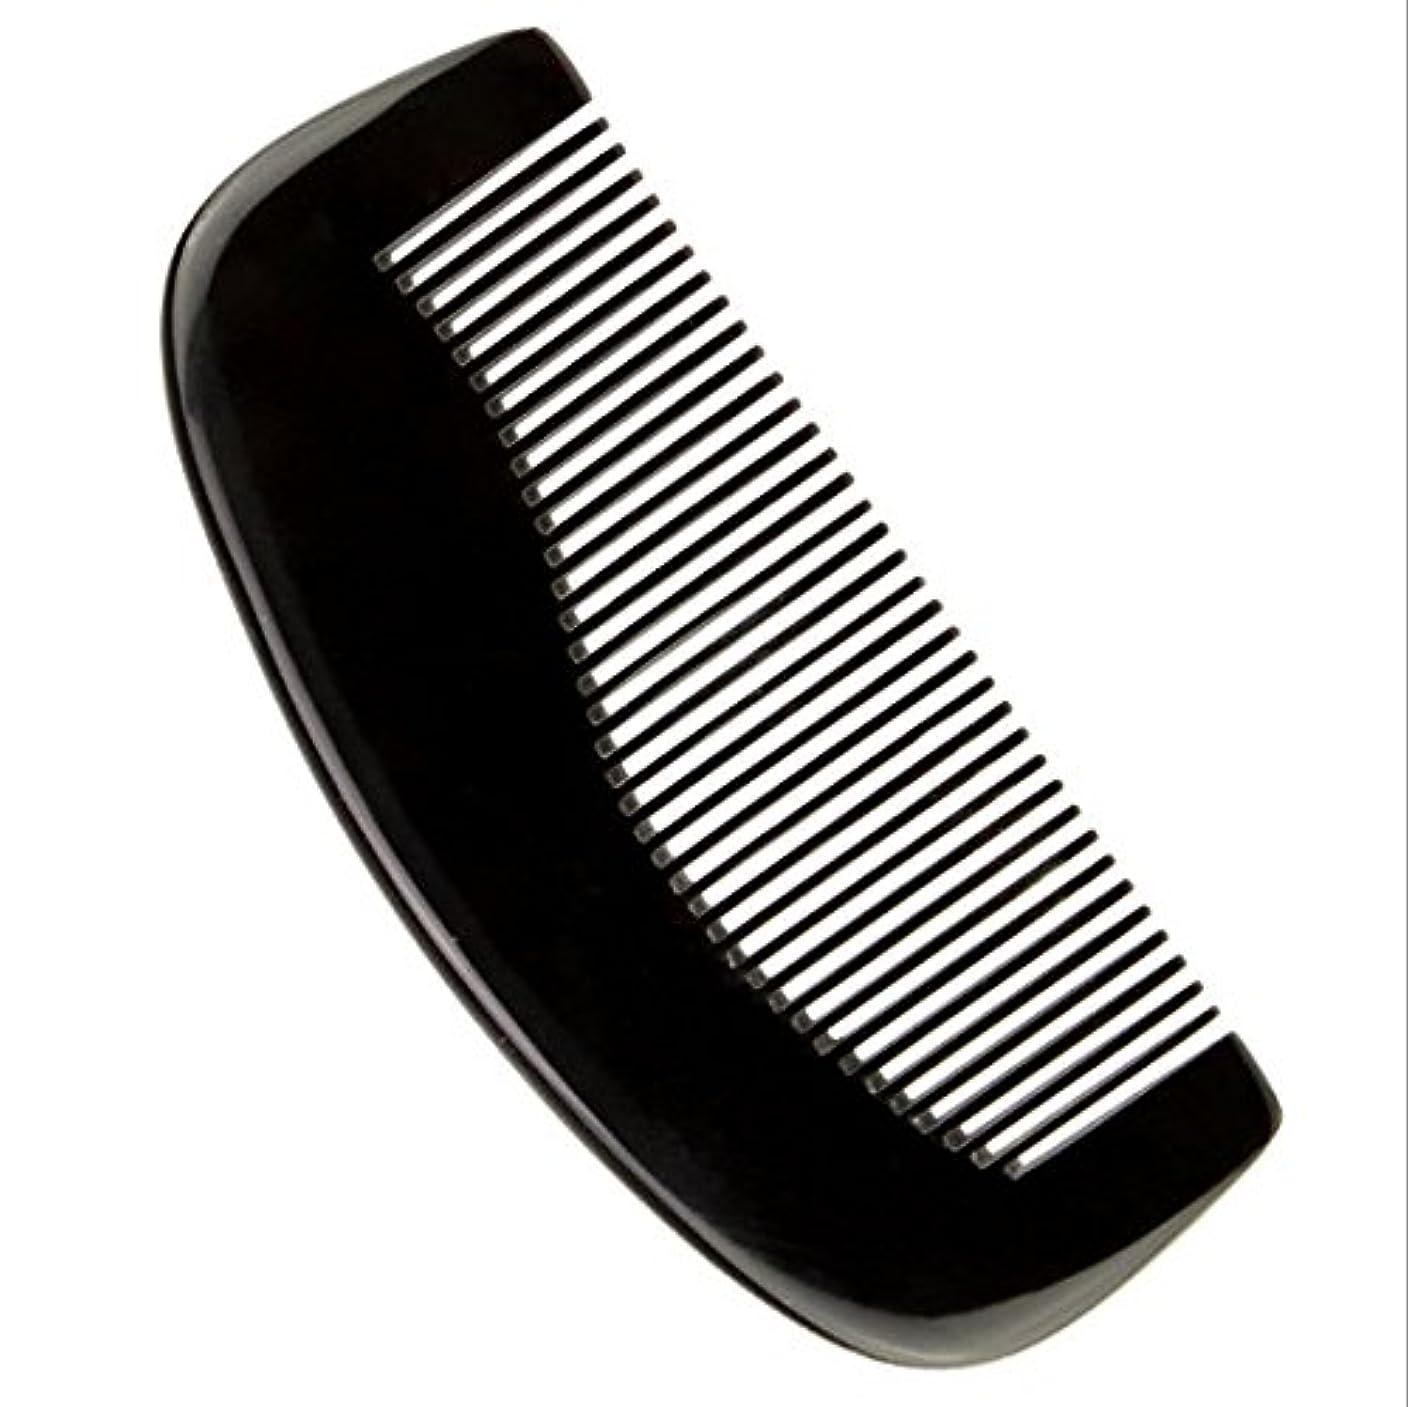 三番欠如デクリメント櫛型 プロも使う牛角かっさプレート 牛櫛 高級 天然 静電気 防止 美髪 粗歯 櫛型 美顔 ボディ リンパマッサージ